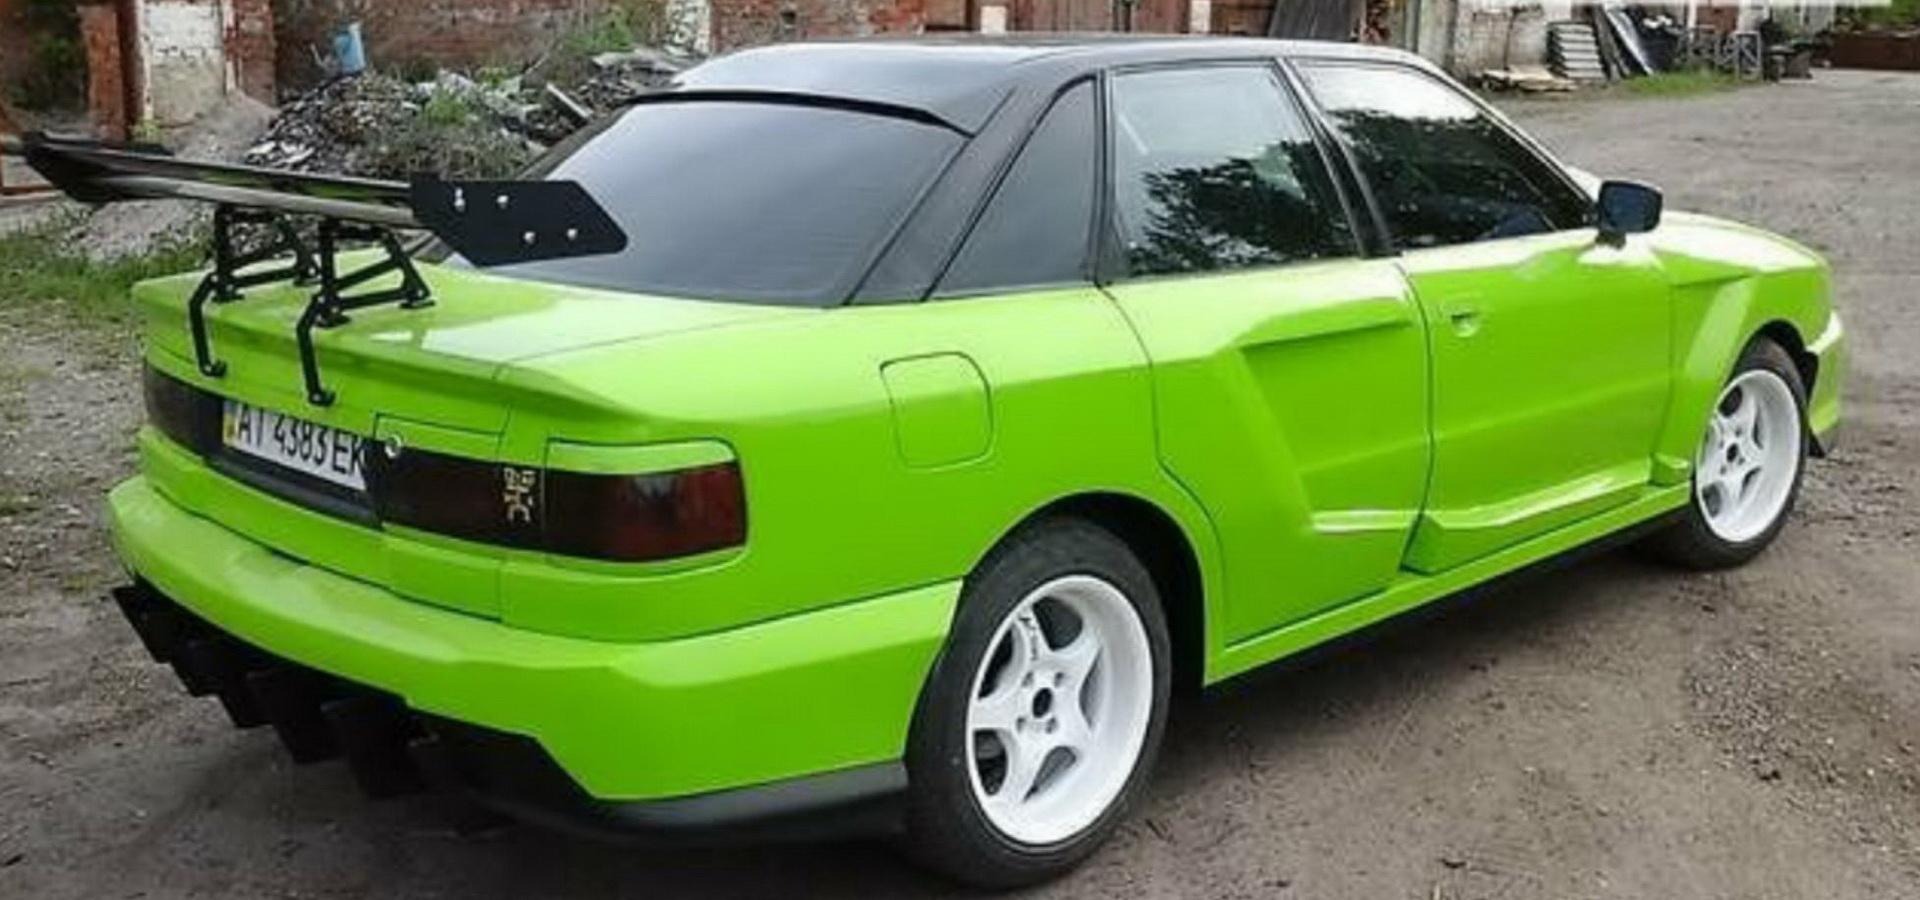 Иностранцев впечатлил украинский тюнинг Audi